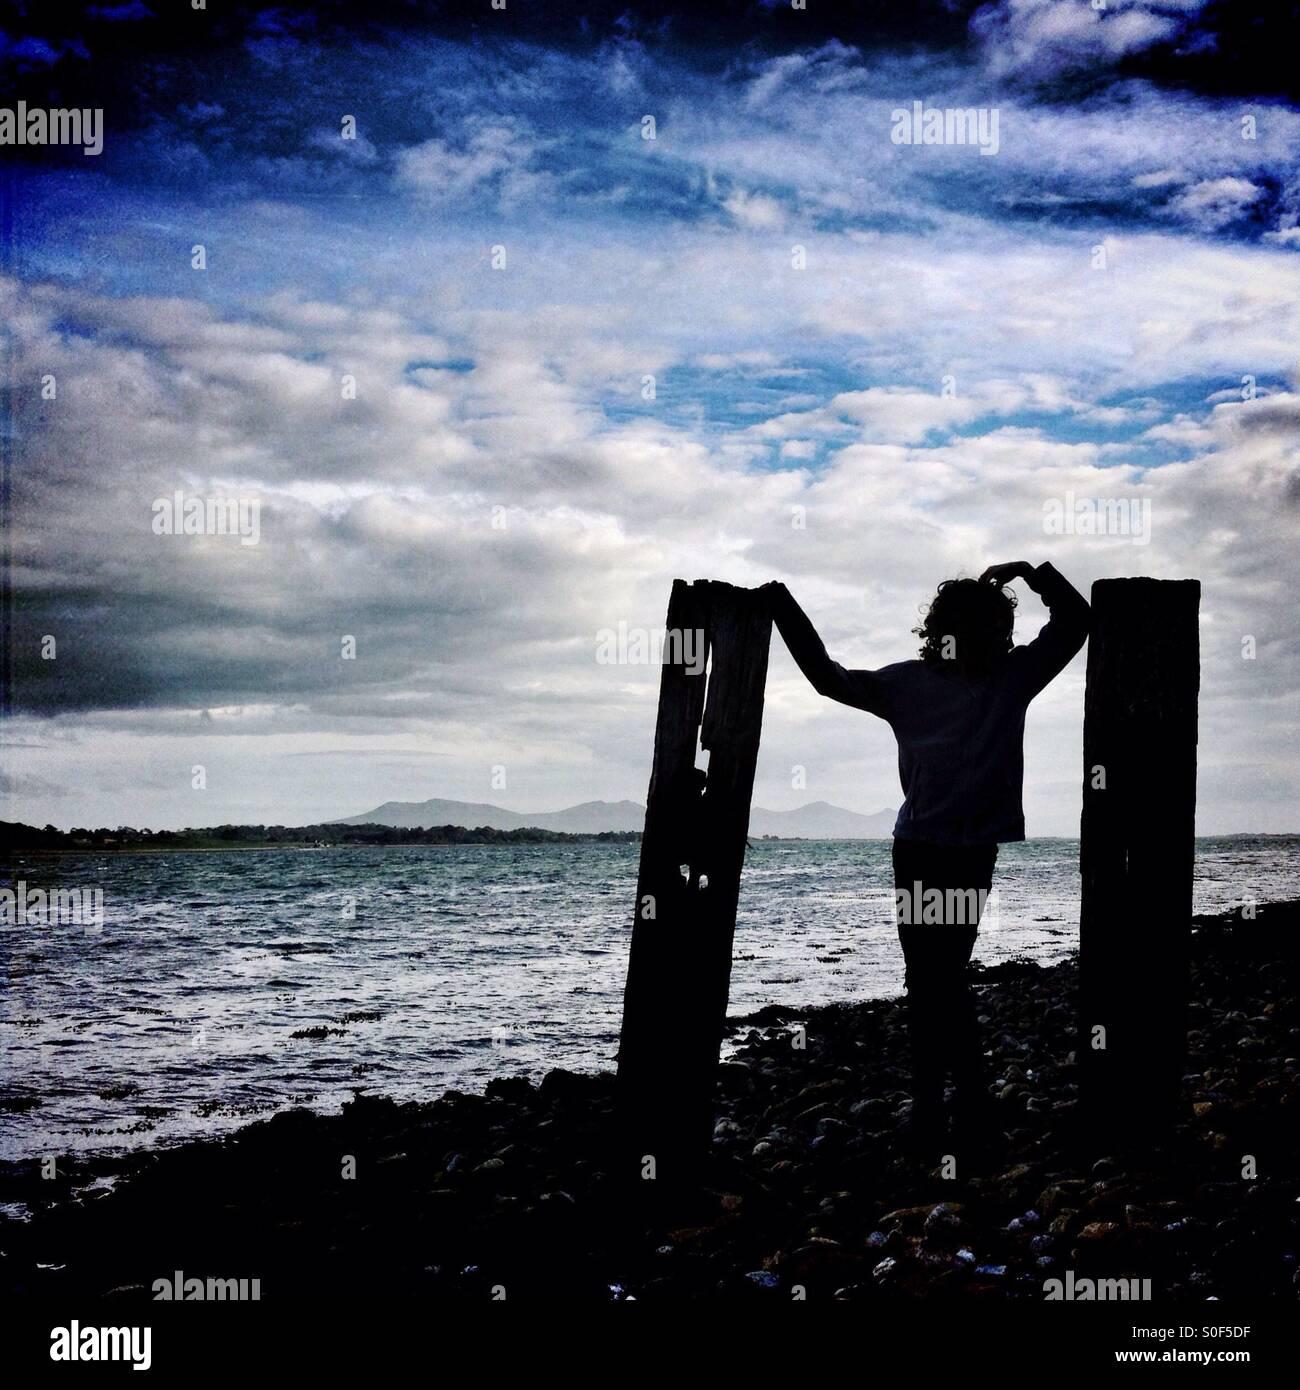 Giovane ragazza che pongono tra due montanti in legno in silhouette sulla spiaggia ghiaiosa Immagini Stock